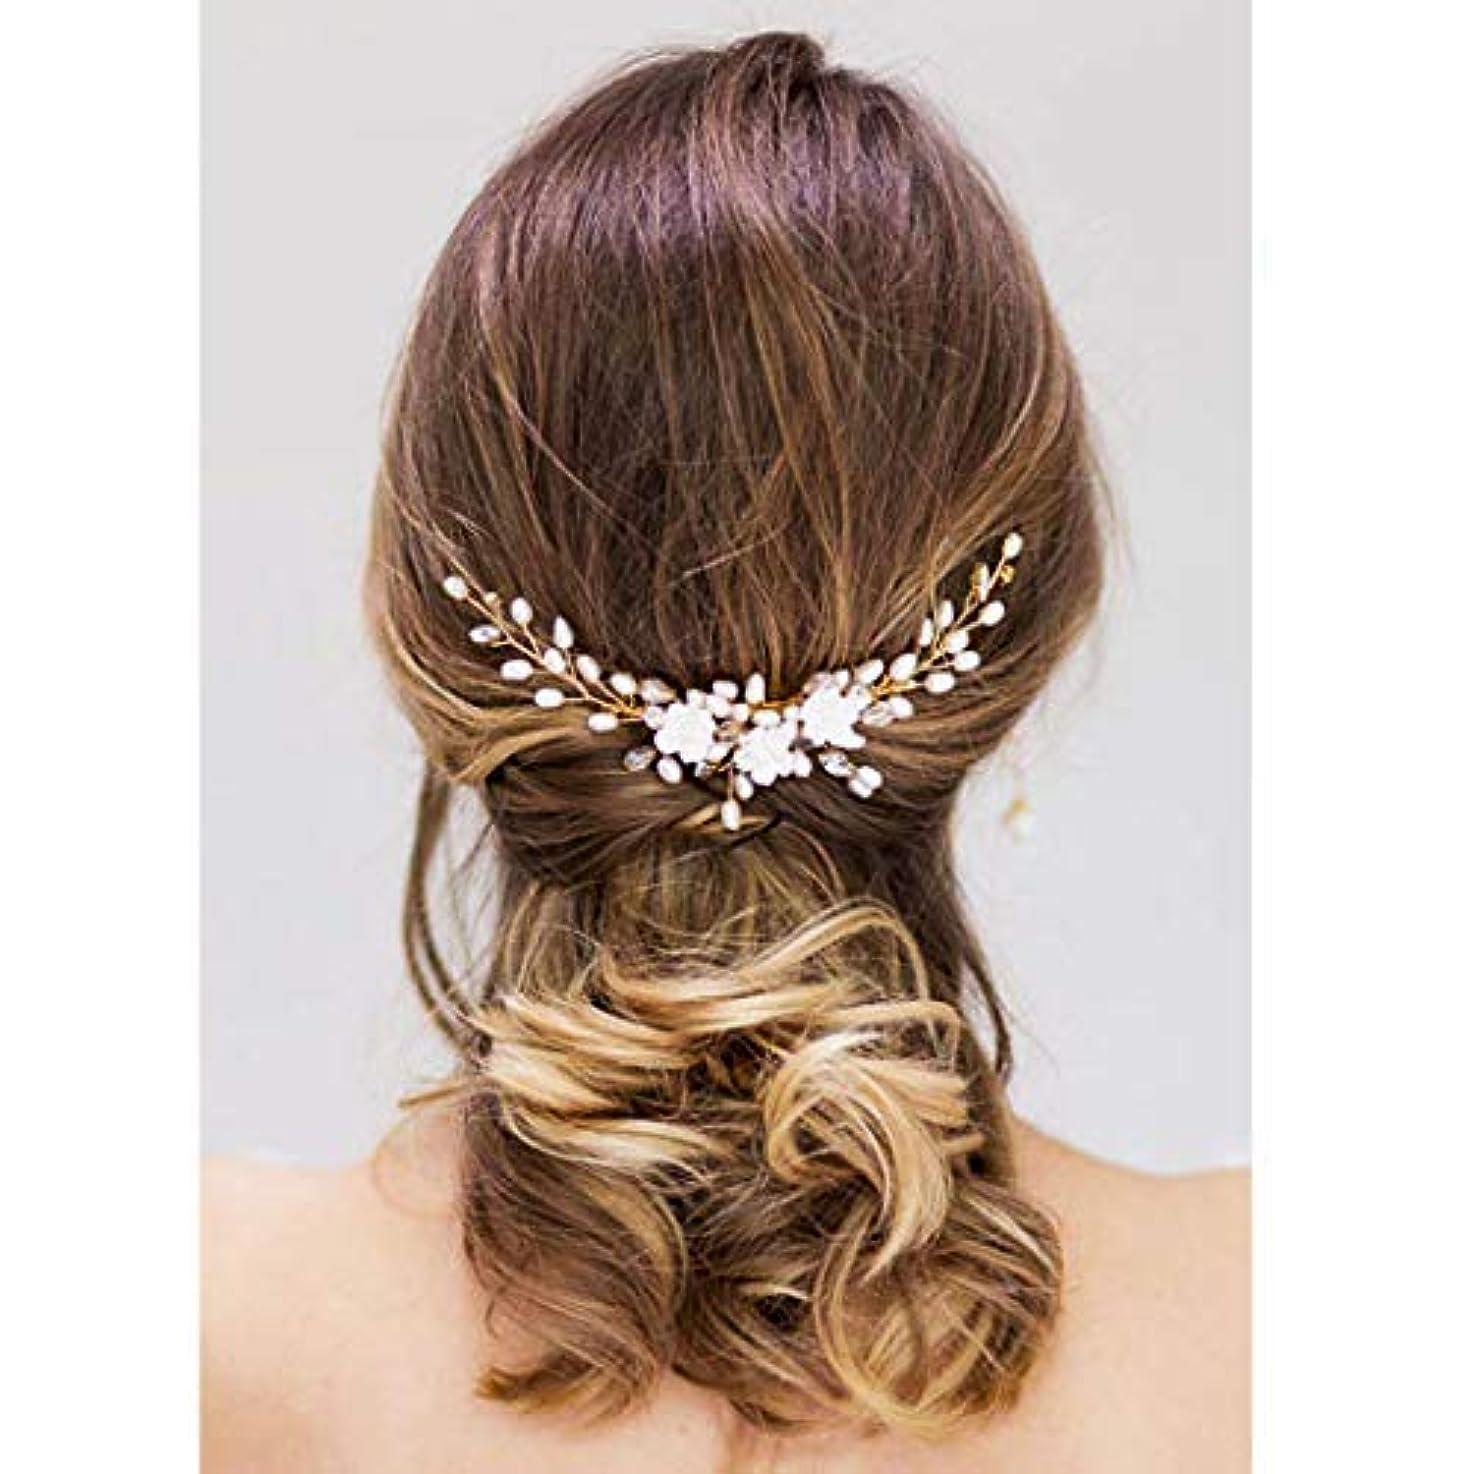 ミトンロバハイブリッドDrecode Bride Wedding Hair Comb Flower Headpiece Pearl Rhinestone Hair Accessories for Women and Girls [並行輸入品]